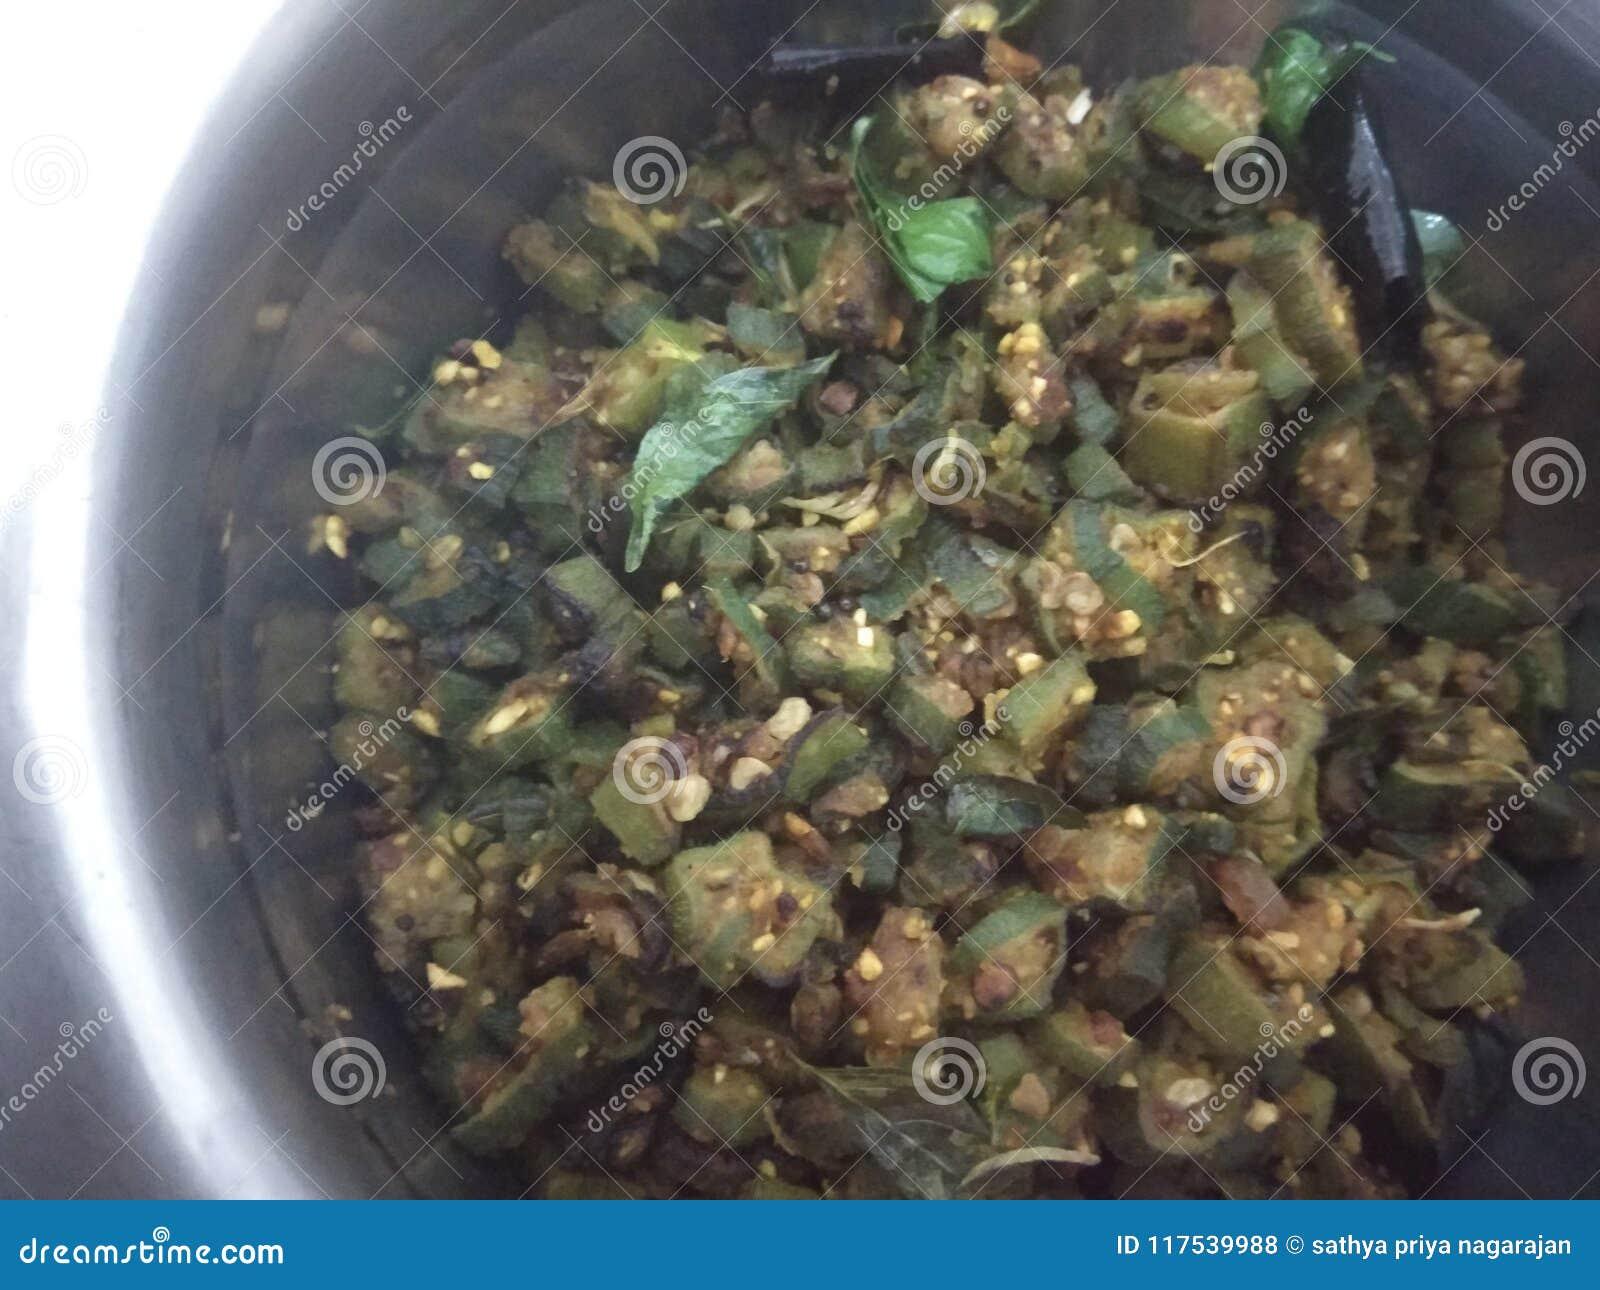 Ladies finger fry or okra